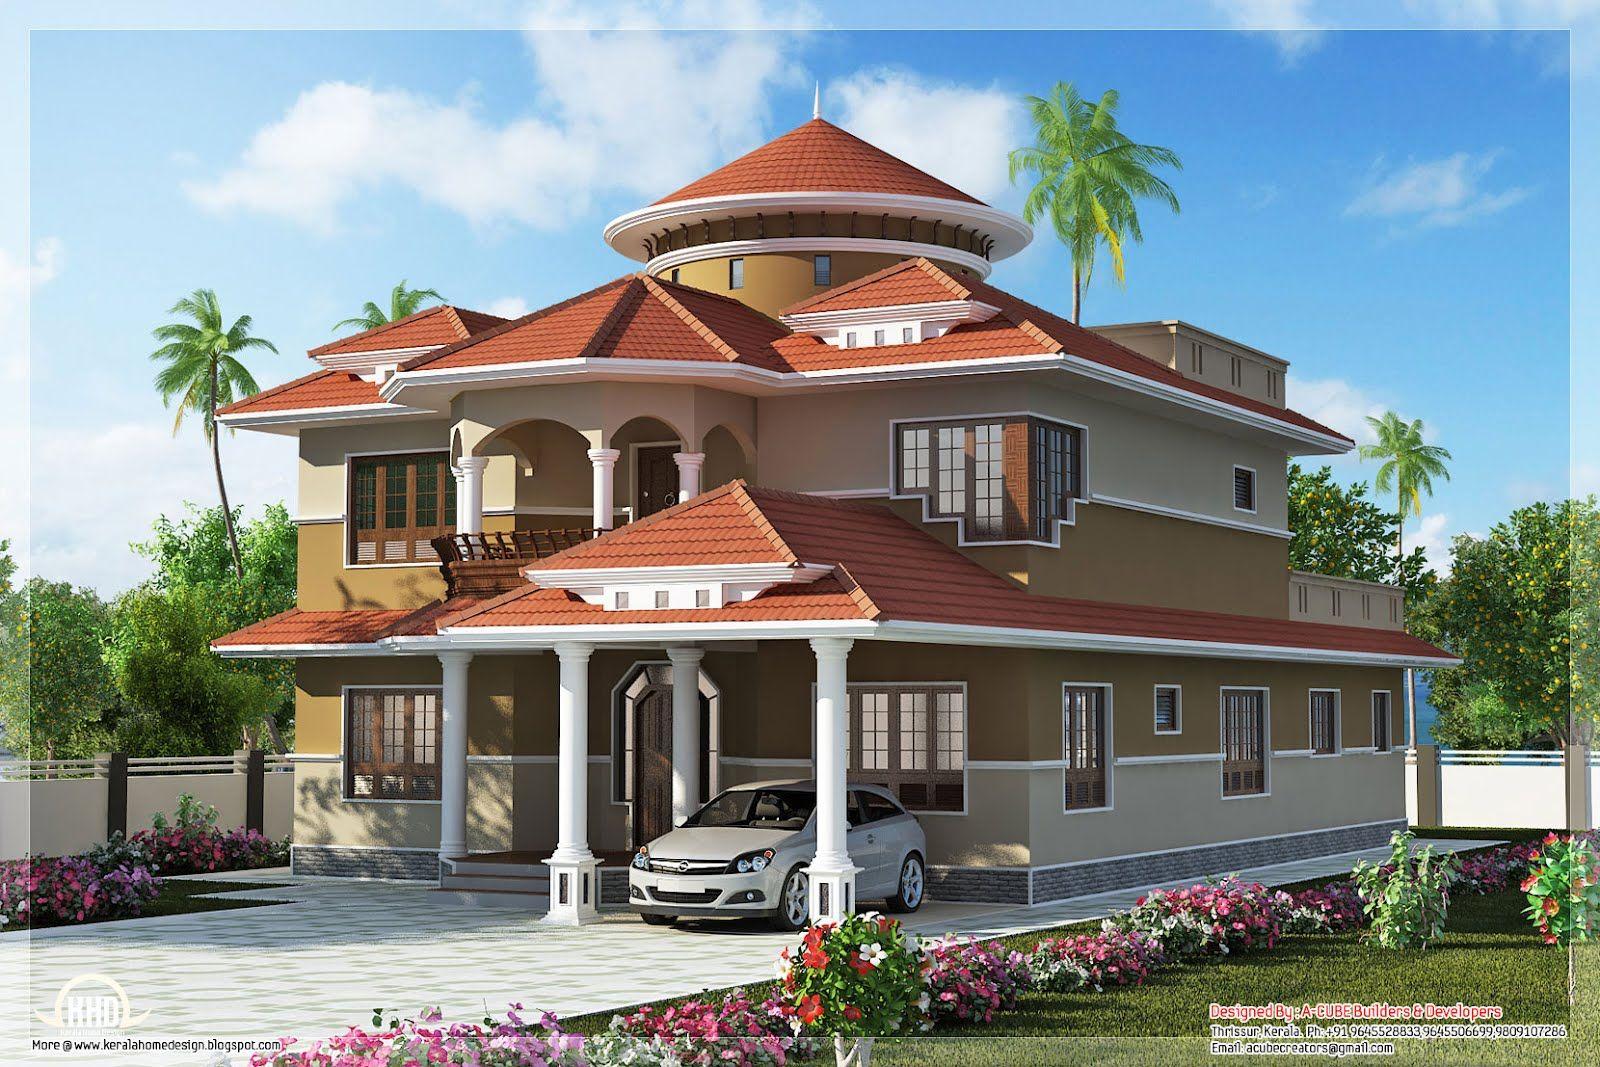 Dream Home Designs 4 Dream Home House Design 1600 X 1067 Homes